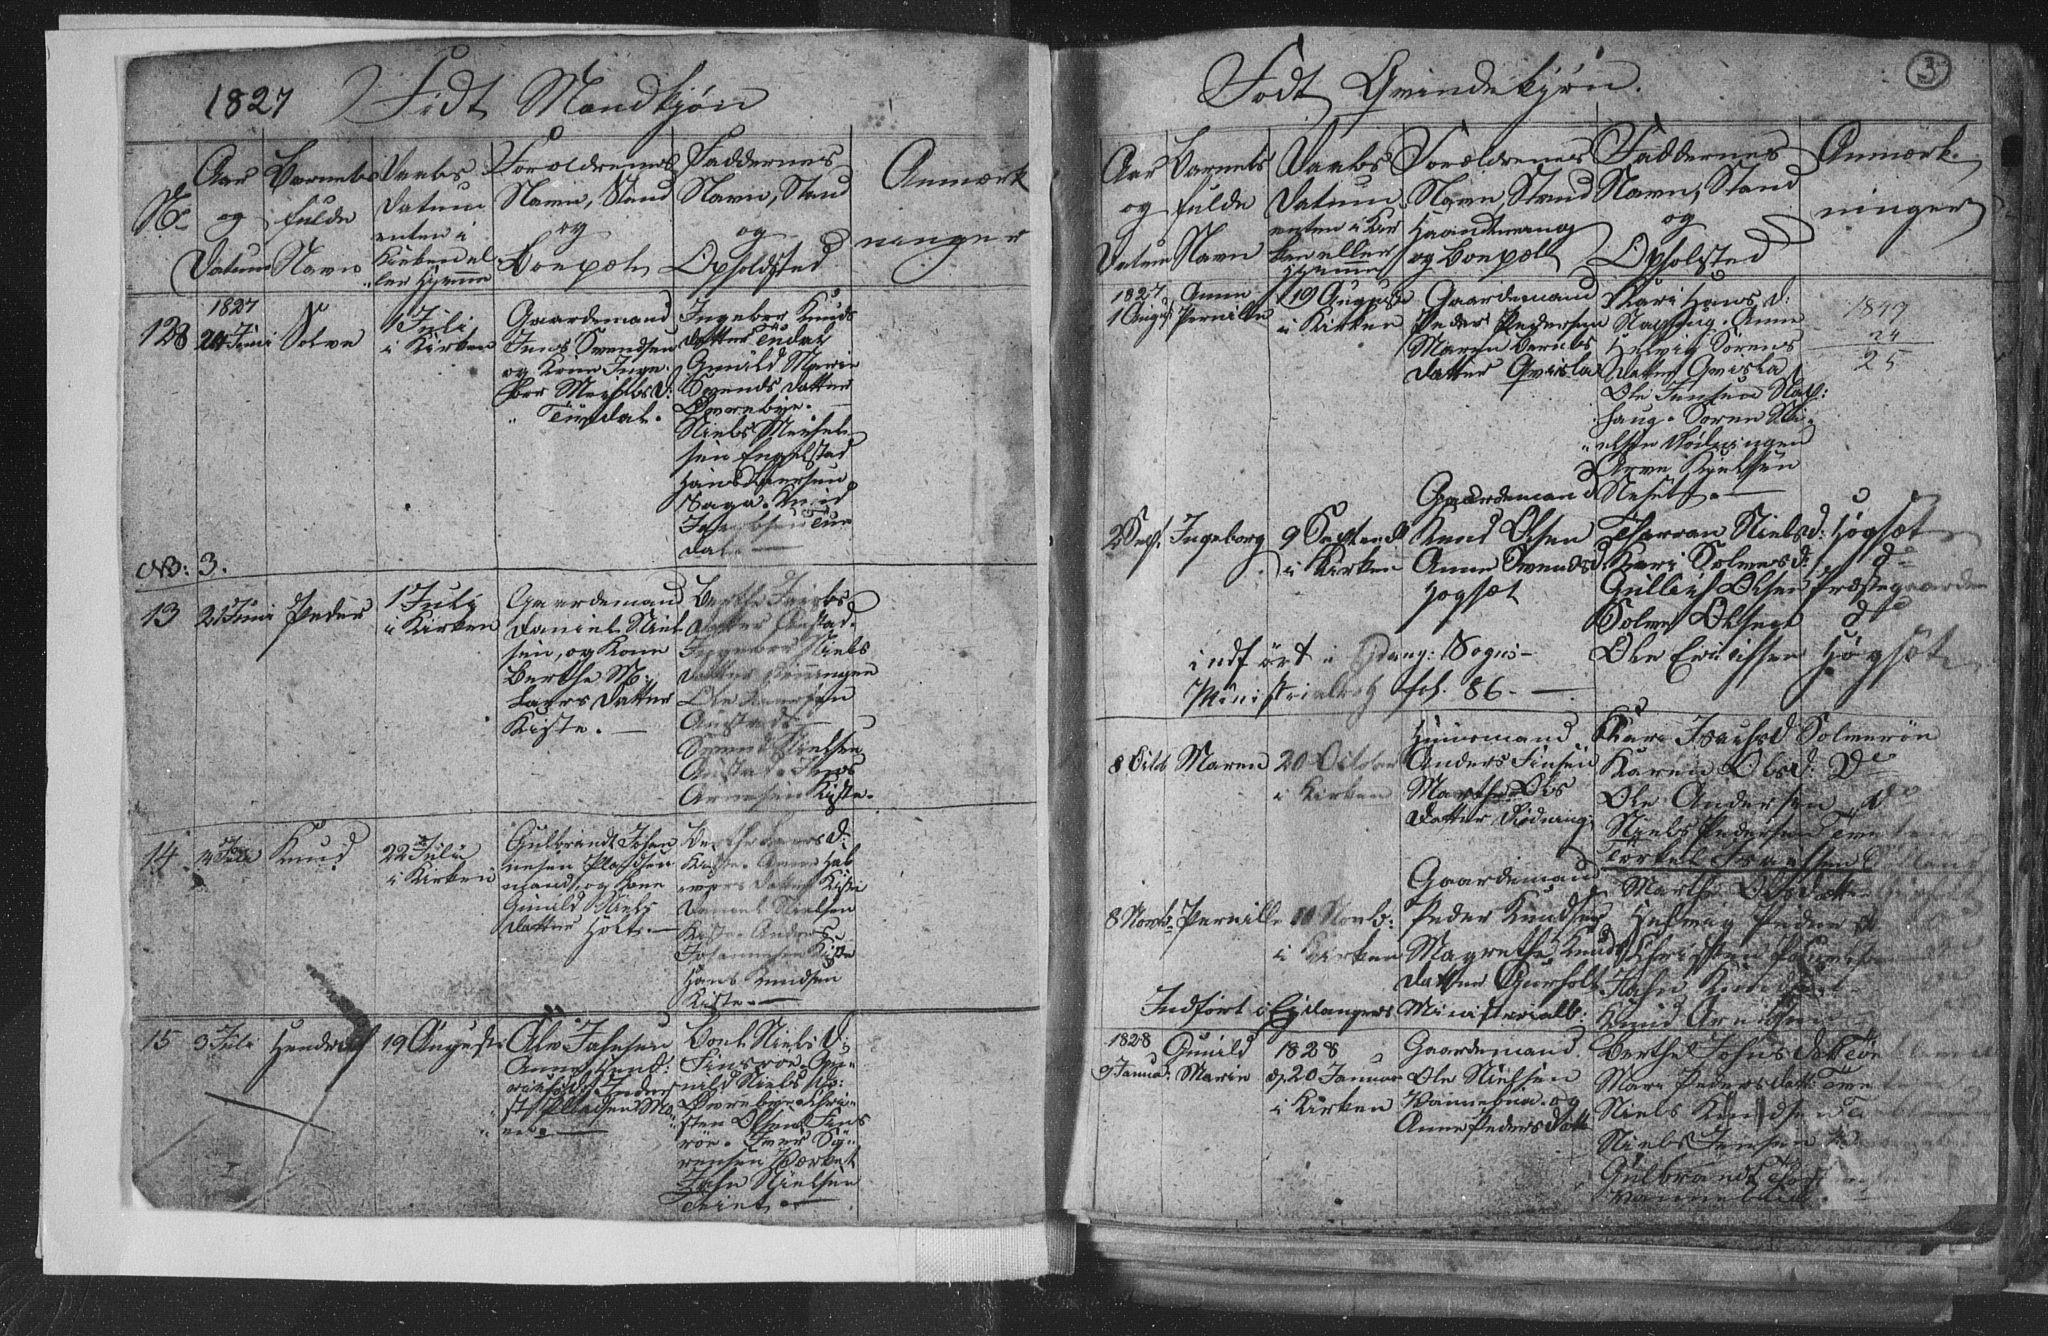 SAKO, Siljan kirkebøker, G/Ga/L0001: Klokkerbok nr. 1, 1827-1847, s. 3